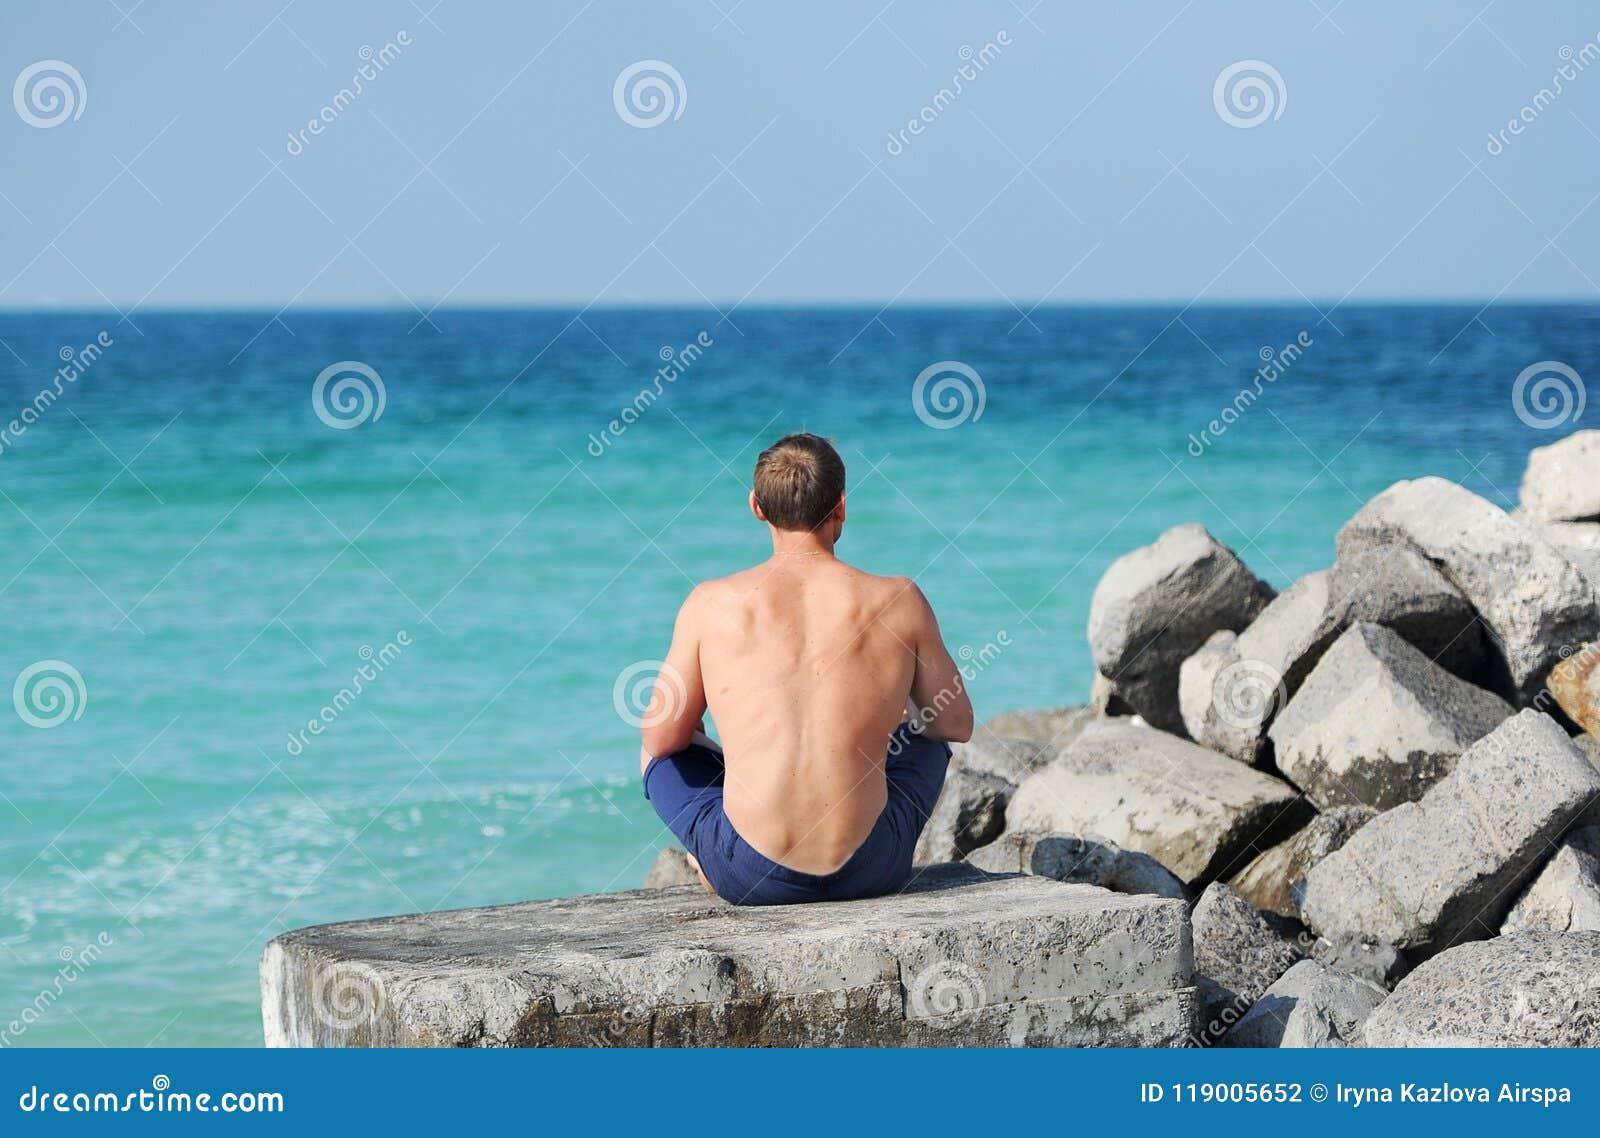 Mężczyzna z nagim półpostaci obsiadaniem na kamieniu z jej z powrotem patrzeć morze